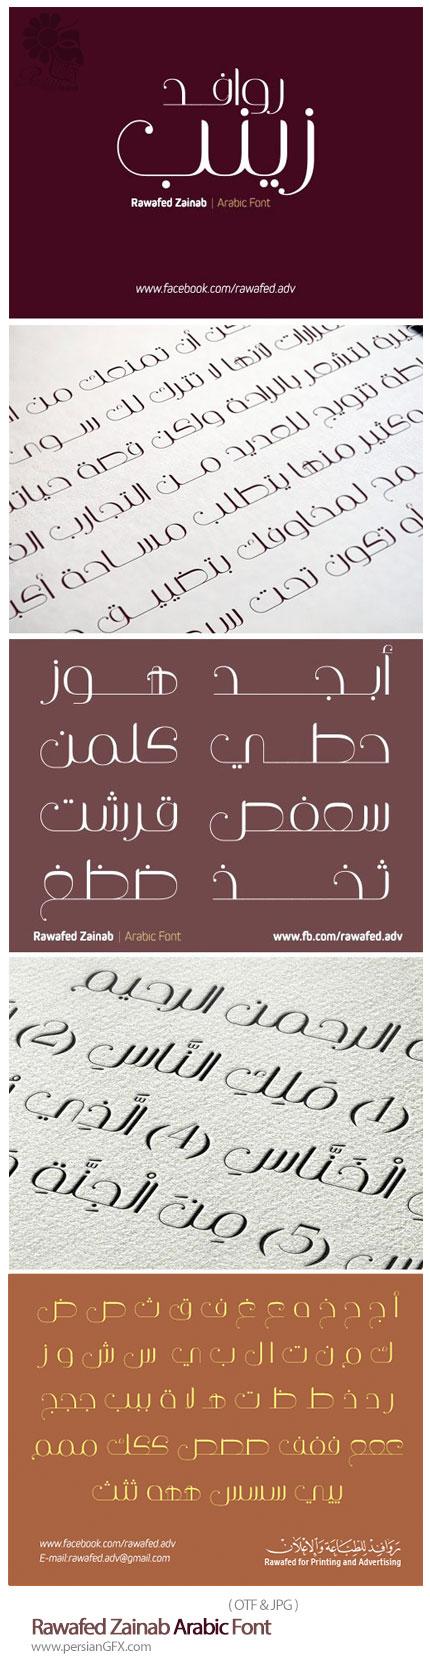 دانلود فونت عربی روافد زینب - Rawafed Zainab Arabic Font By Tareq Alizzy